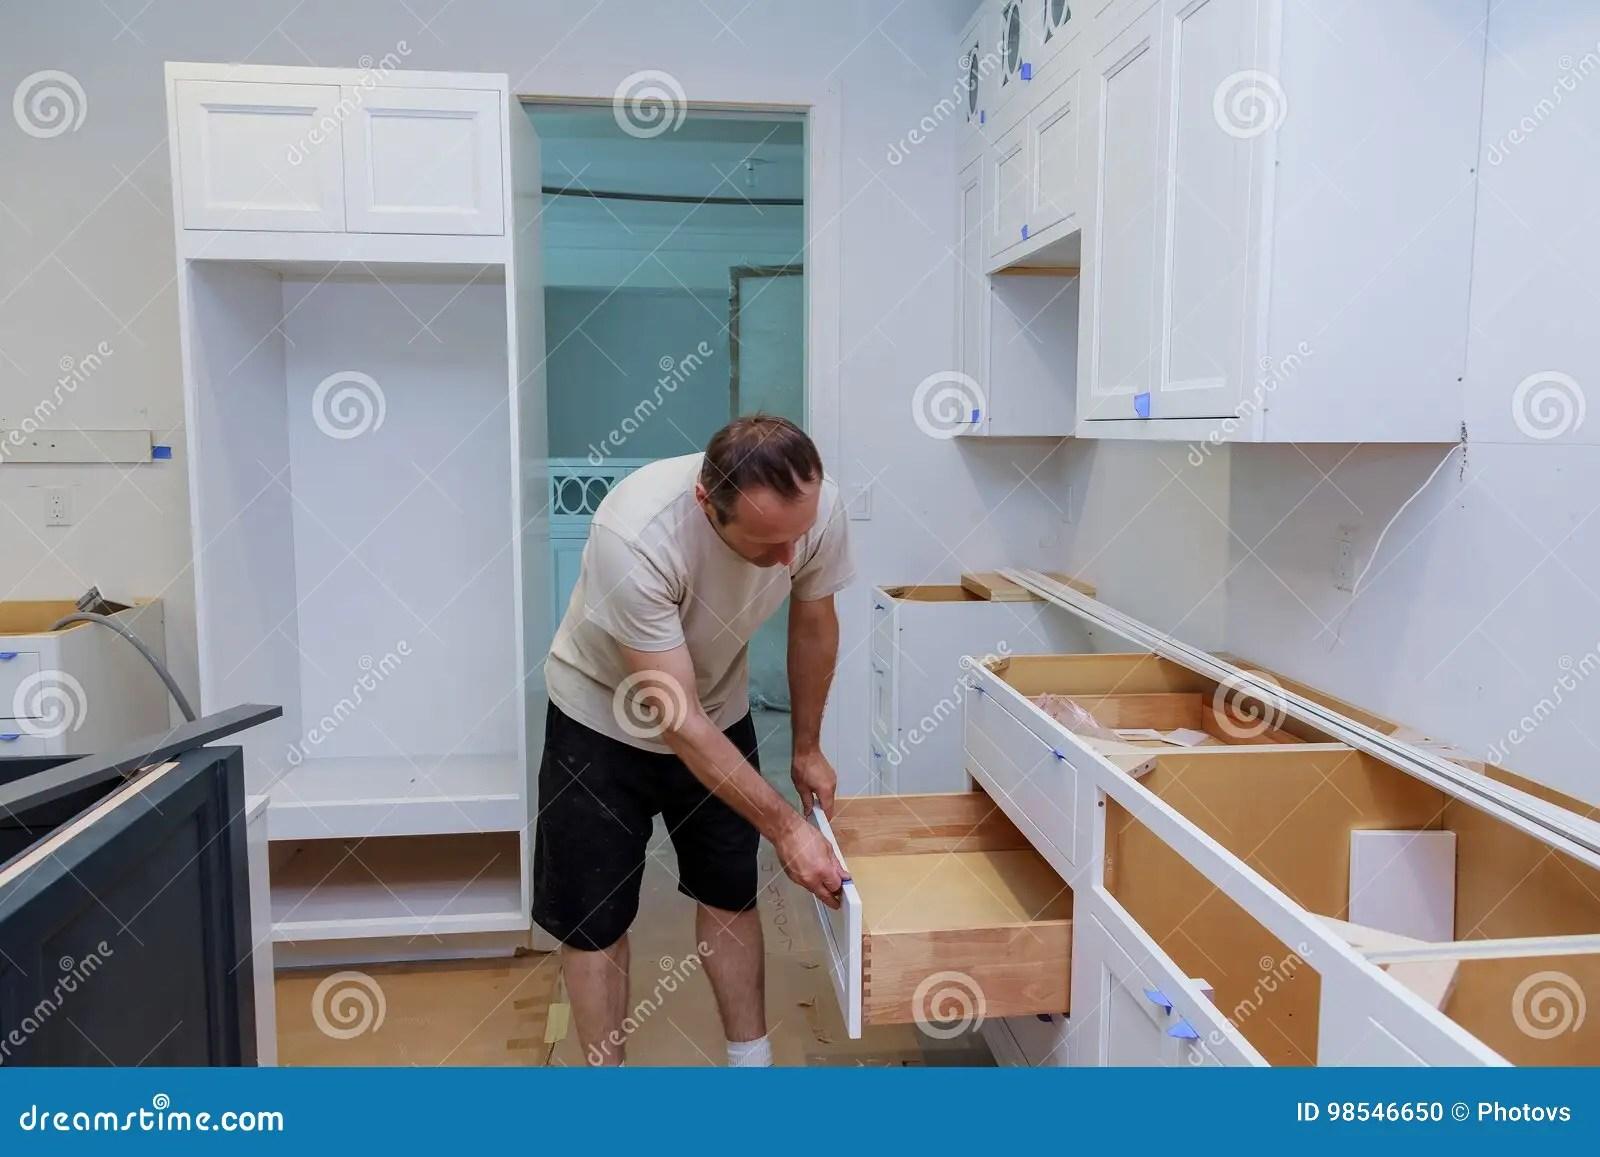 Türen Für Küchenschränke | Gelbe Türen Einbauschränke In Einem 70er ...